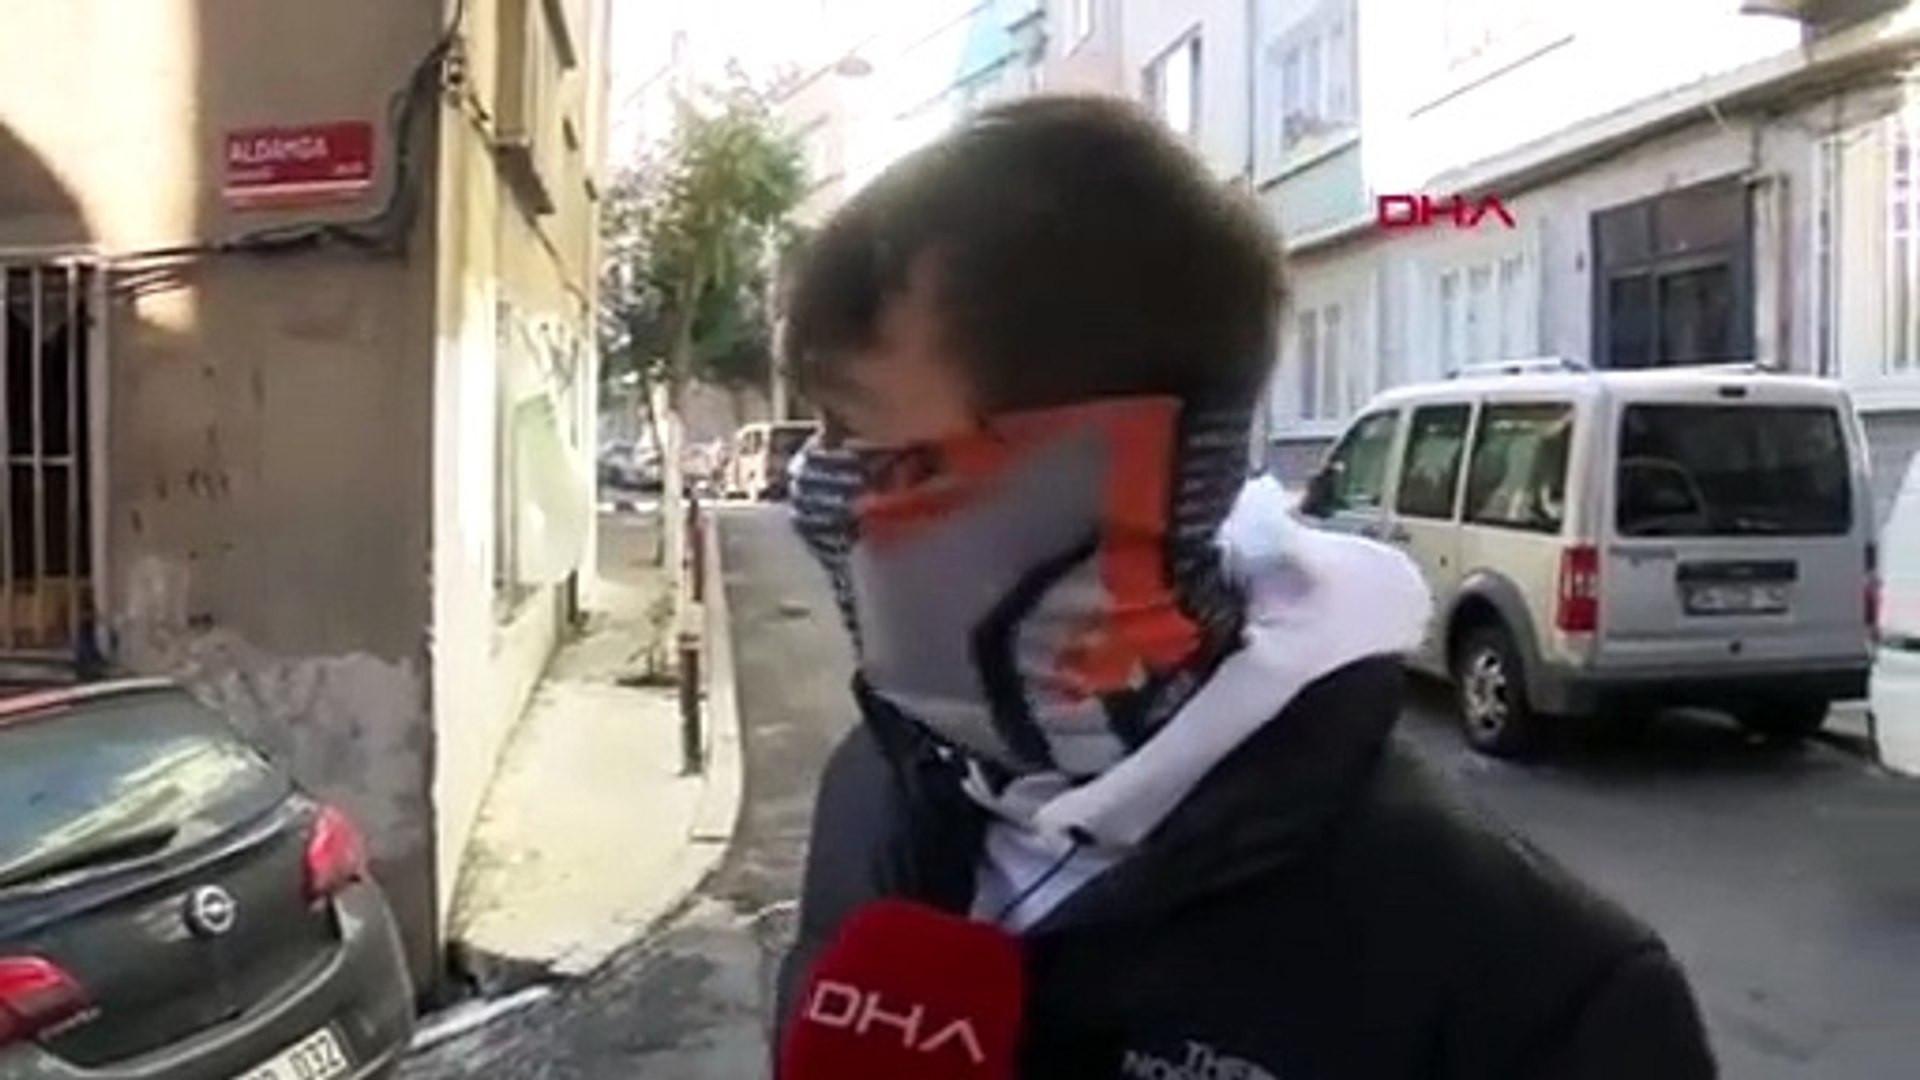 İstanbul'da dehşet! Kediyi boyayıp cama astı, söyledikleri isyan ettirdi!